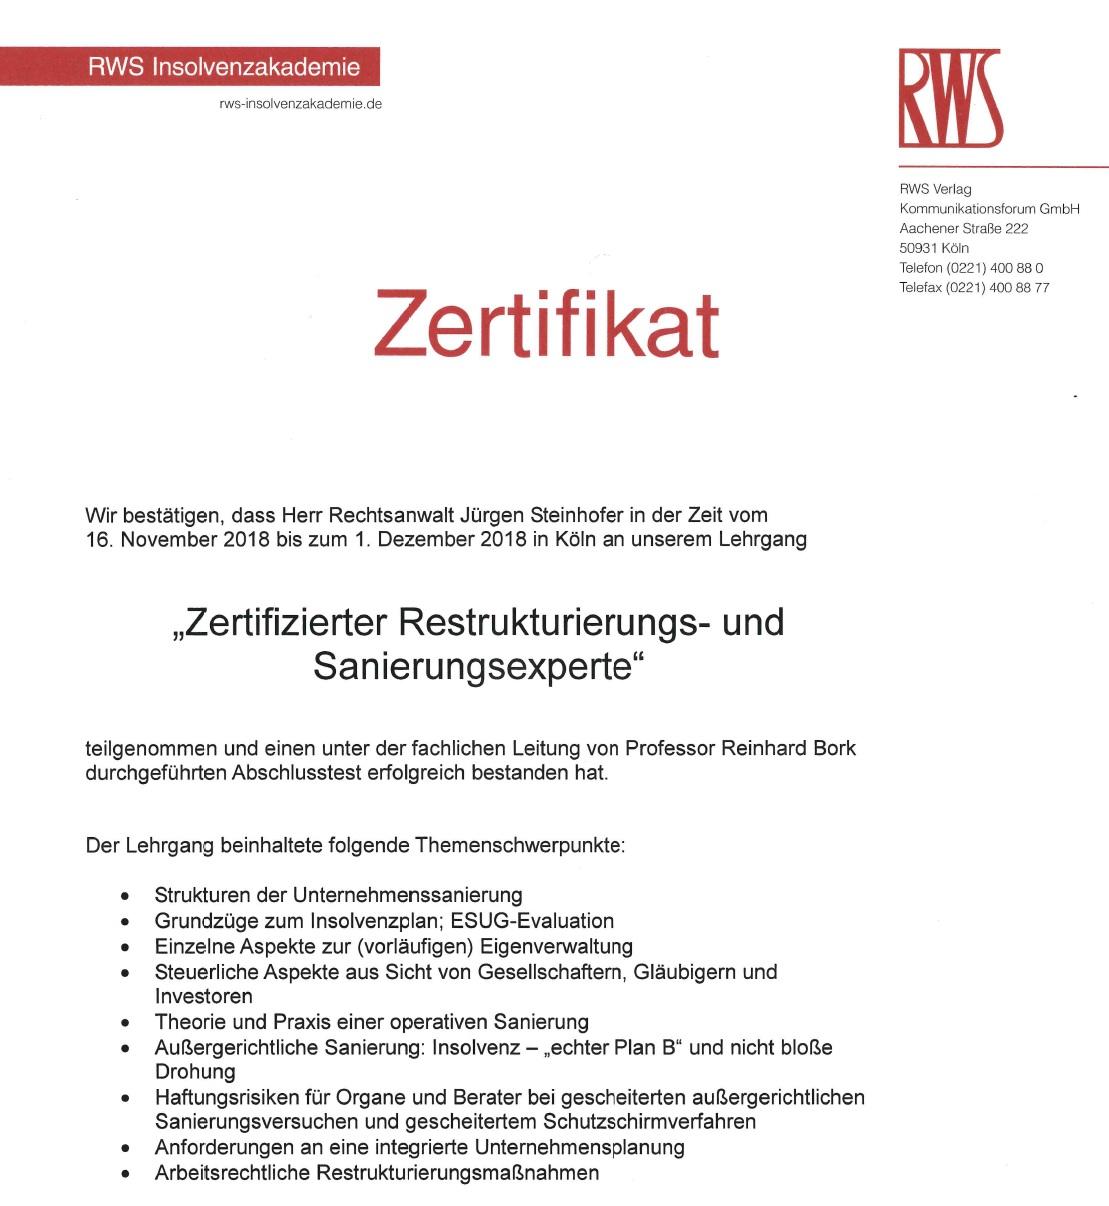 """""""Zertifizierter Restrukturierungs- und Sanierungsexperte"""" – RA Steinhofer"""